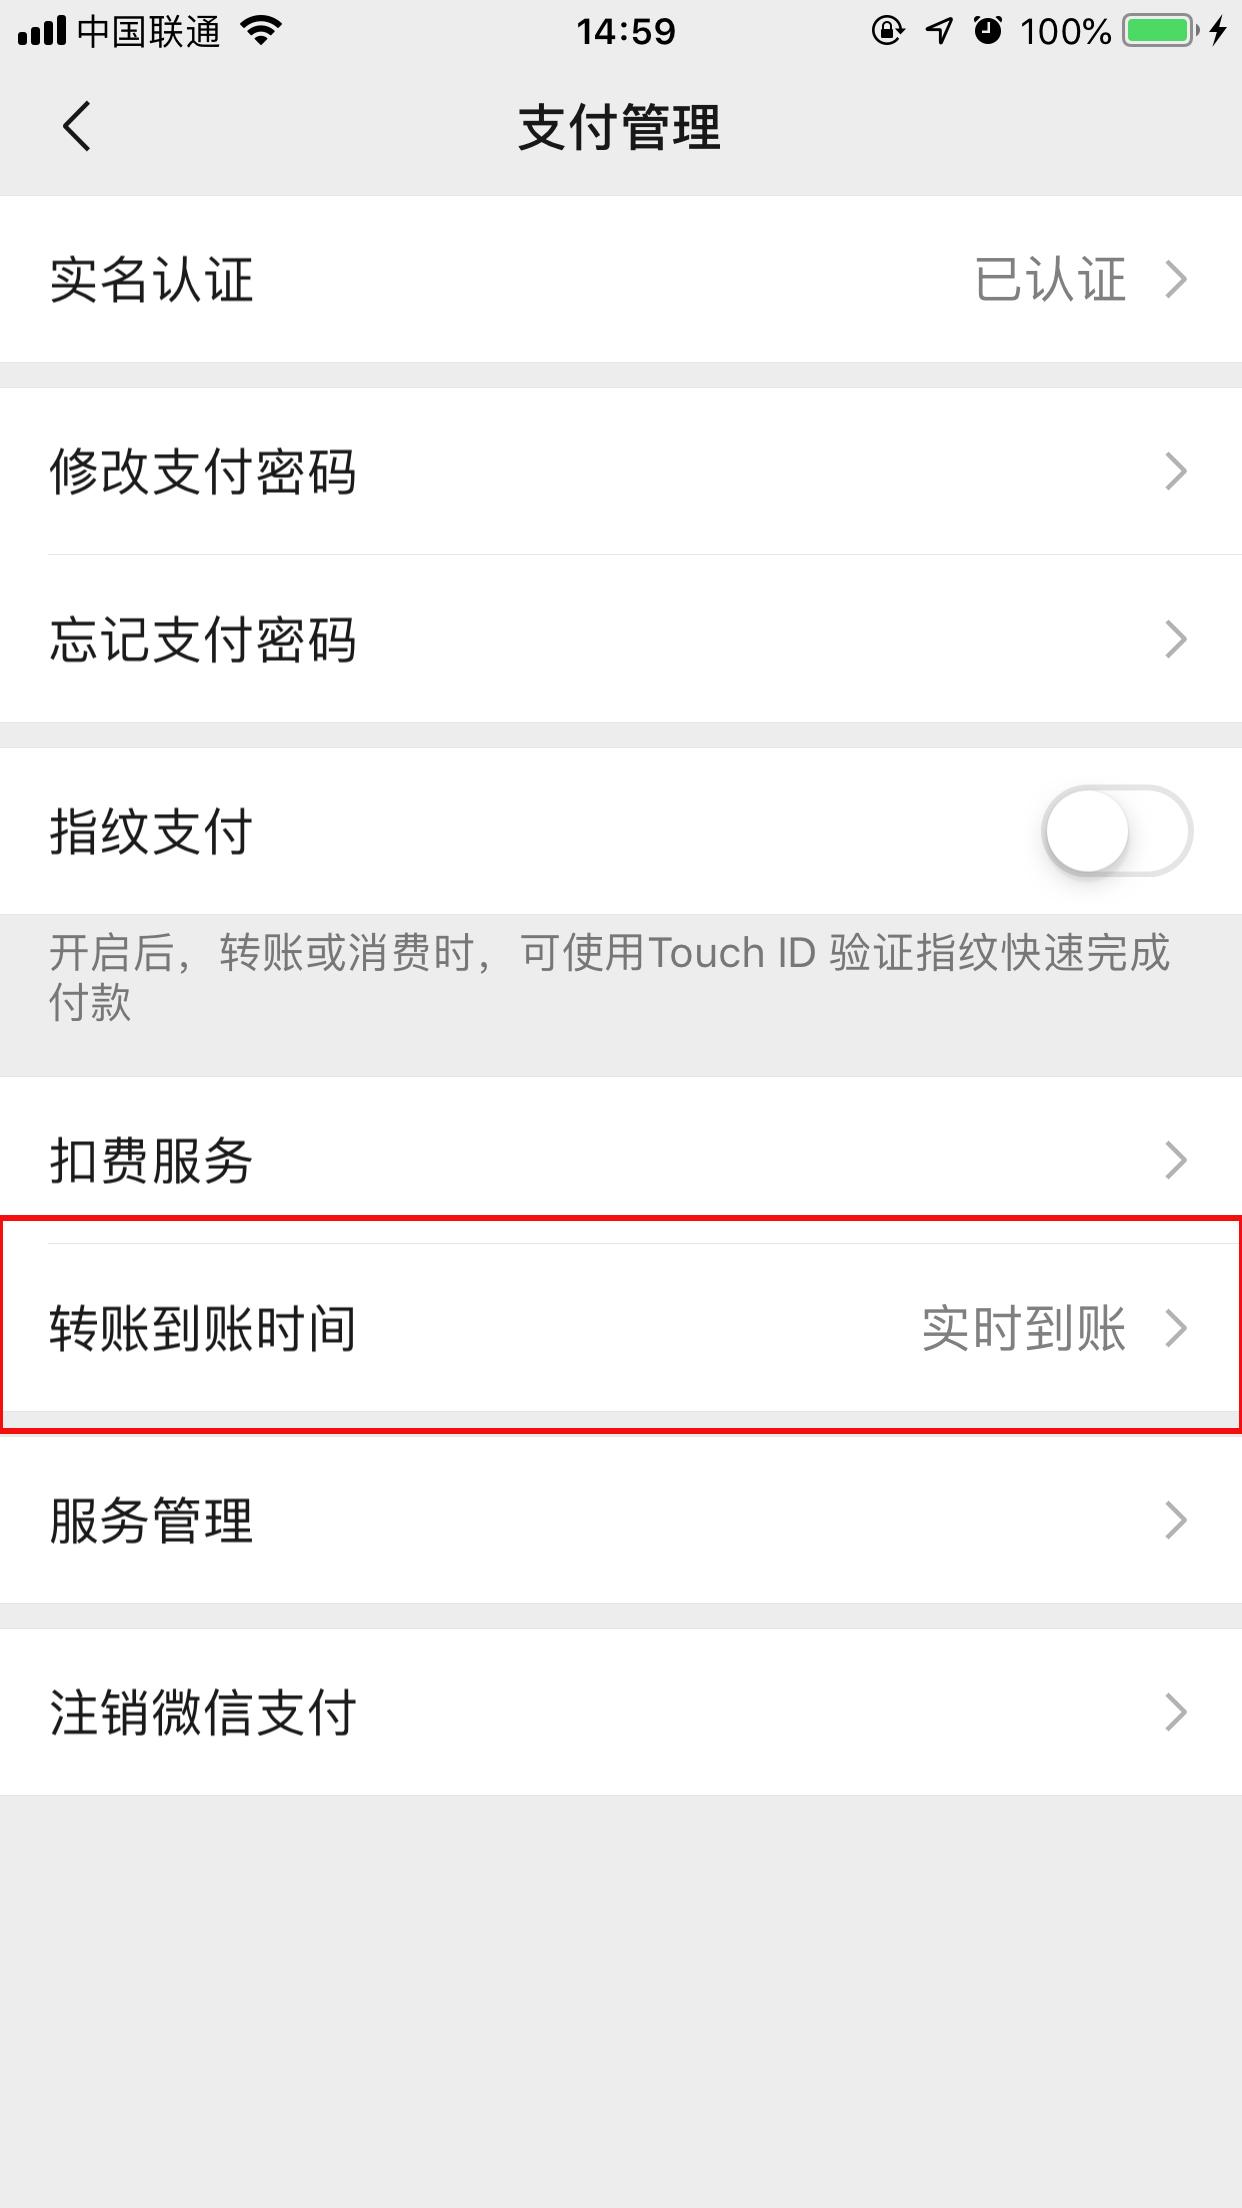 微信怎么关闭延迟到账功能?取消延迟到账功能步骤一览